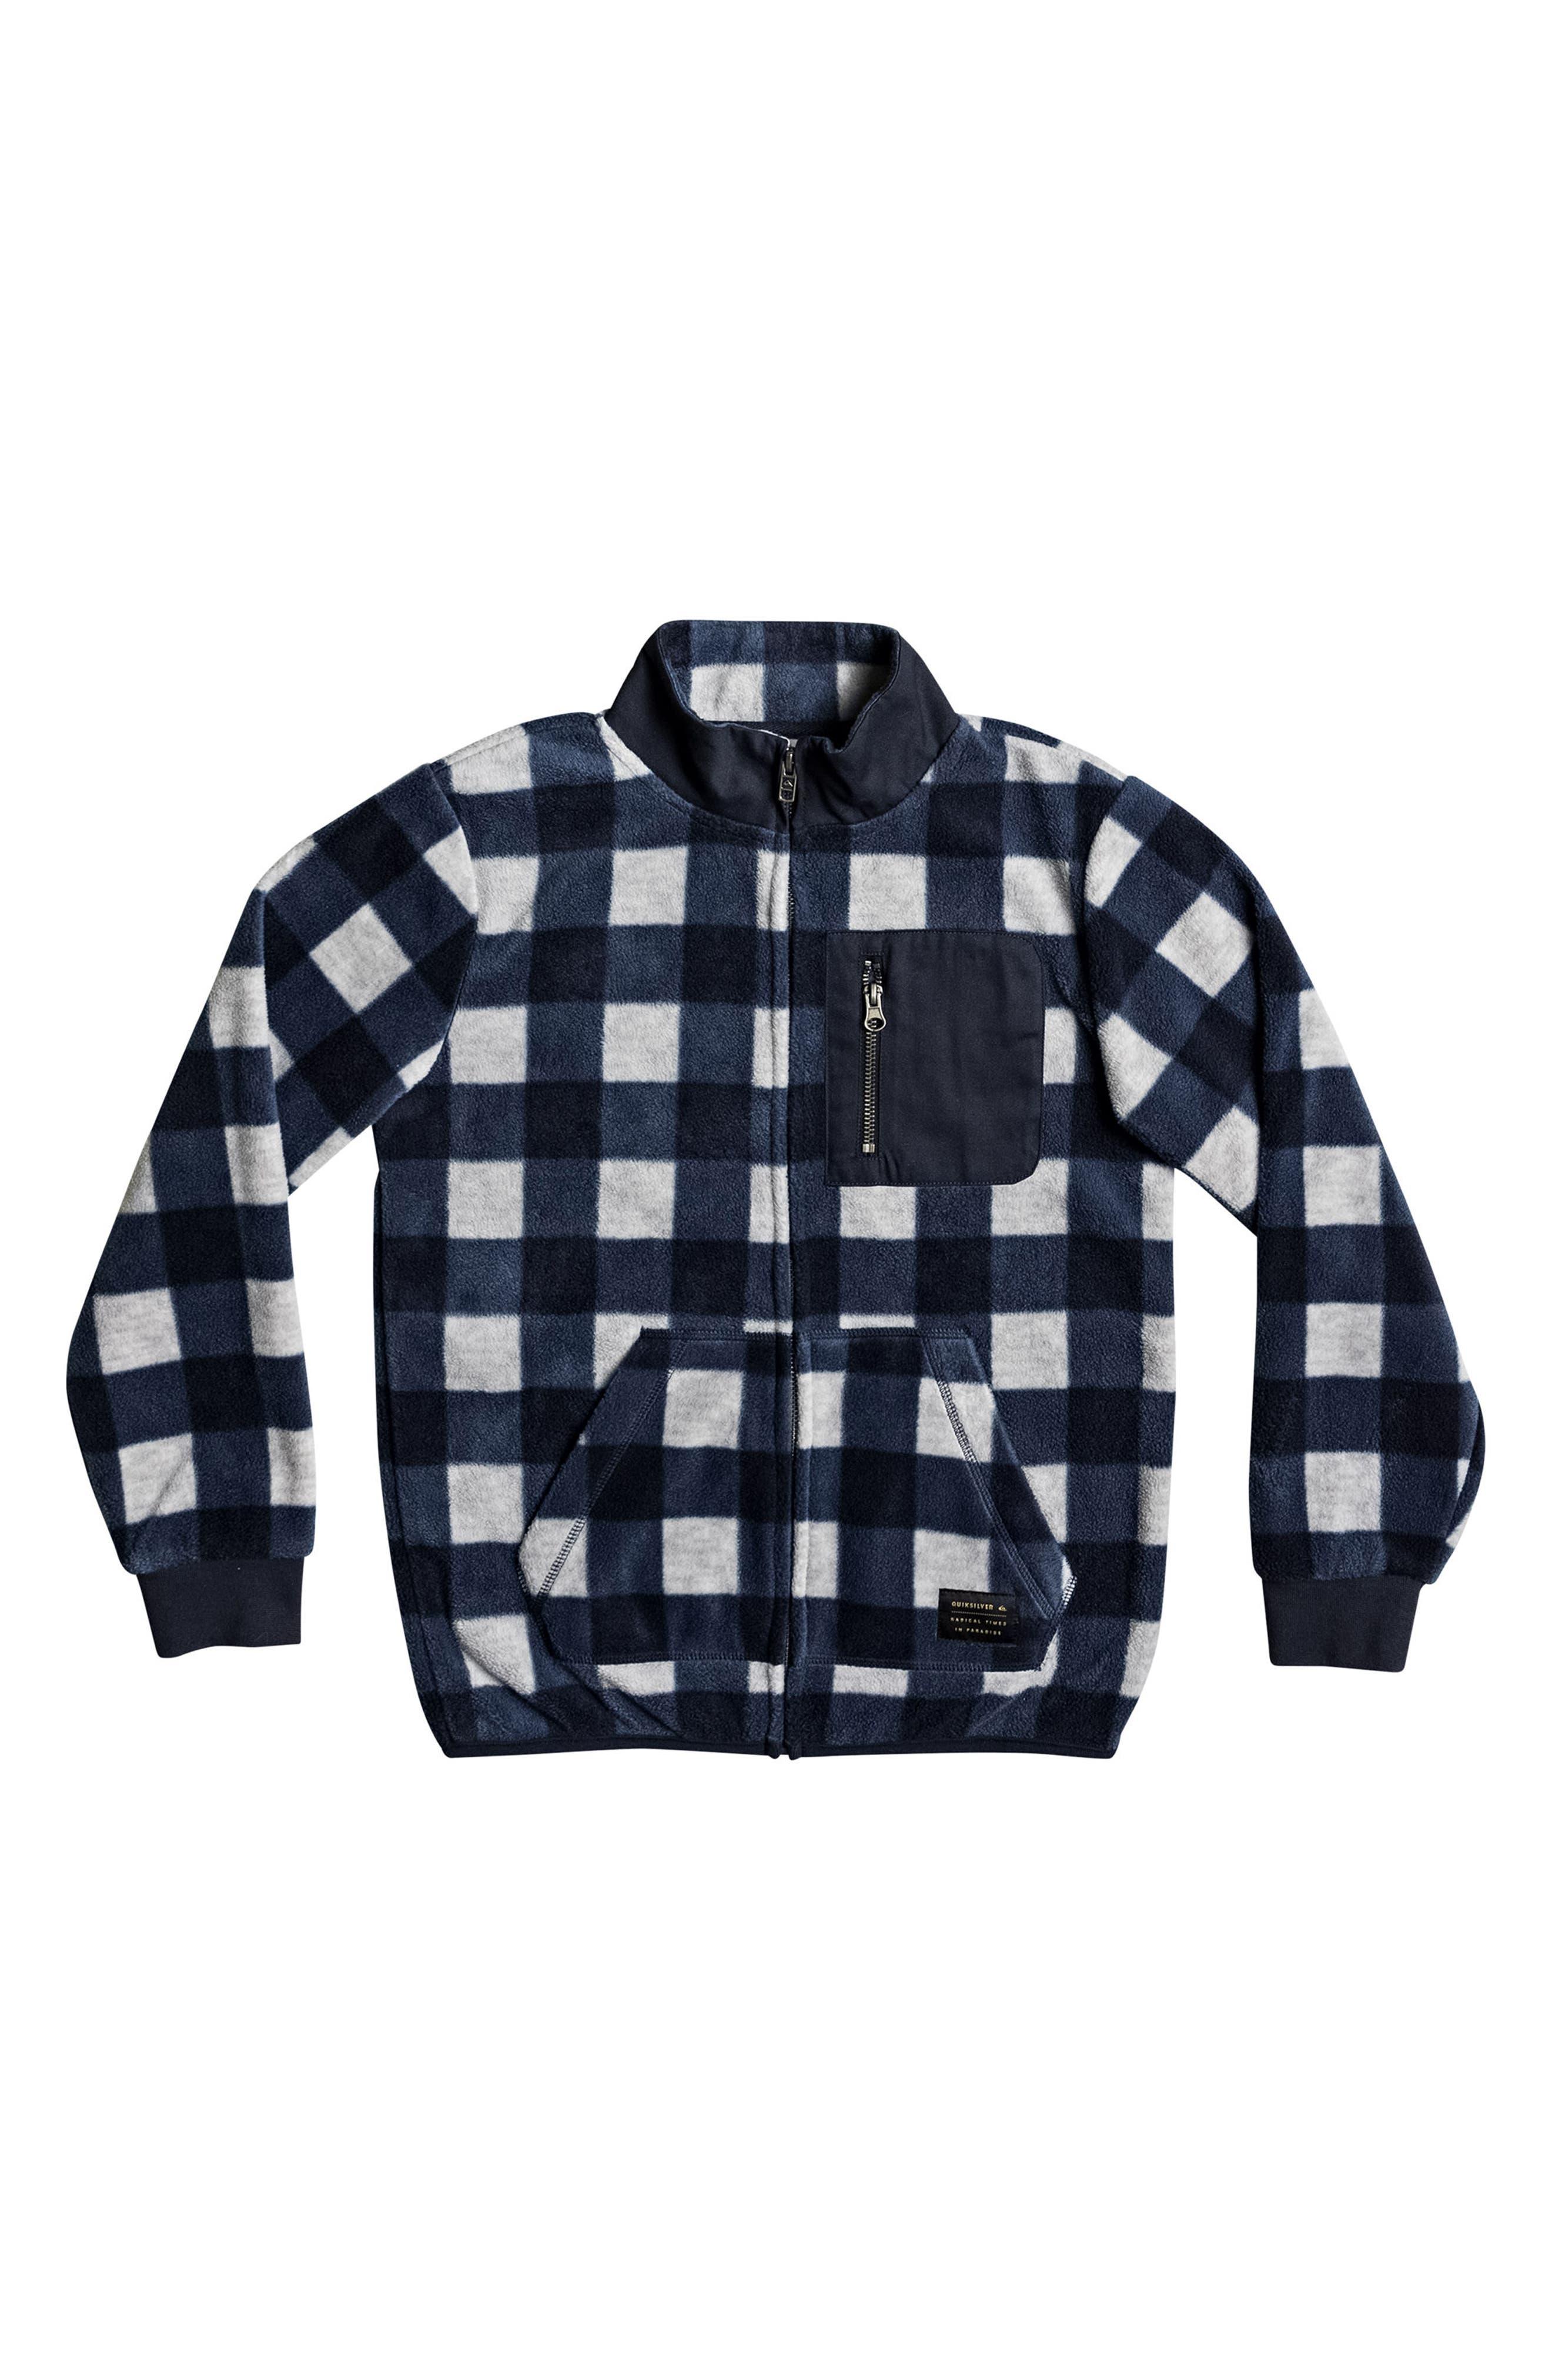 Turbo Speed Buffalo Check Fleece Jacket,                             Main thumbnail 1, color,                             Navy Blazer